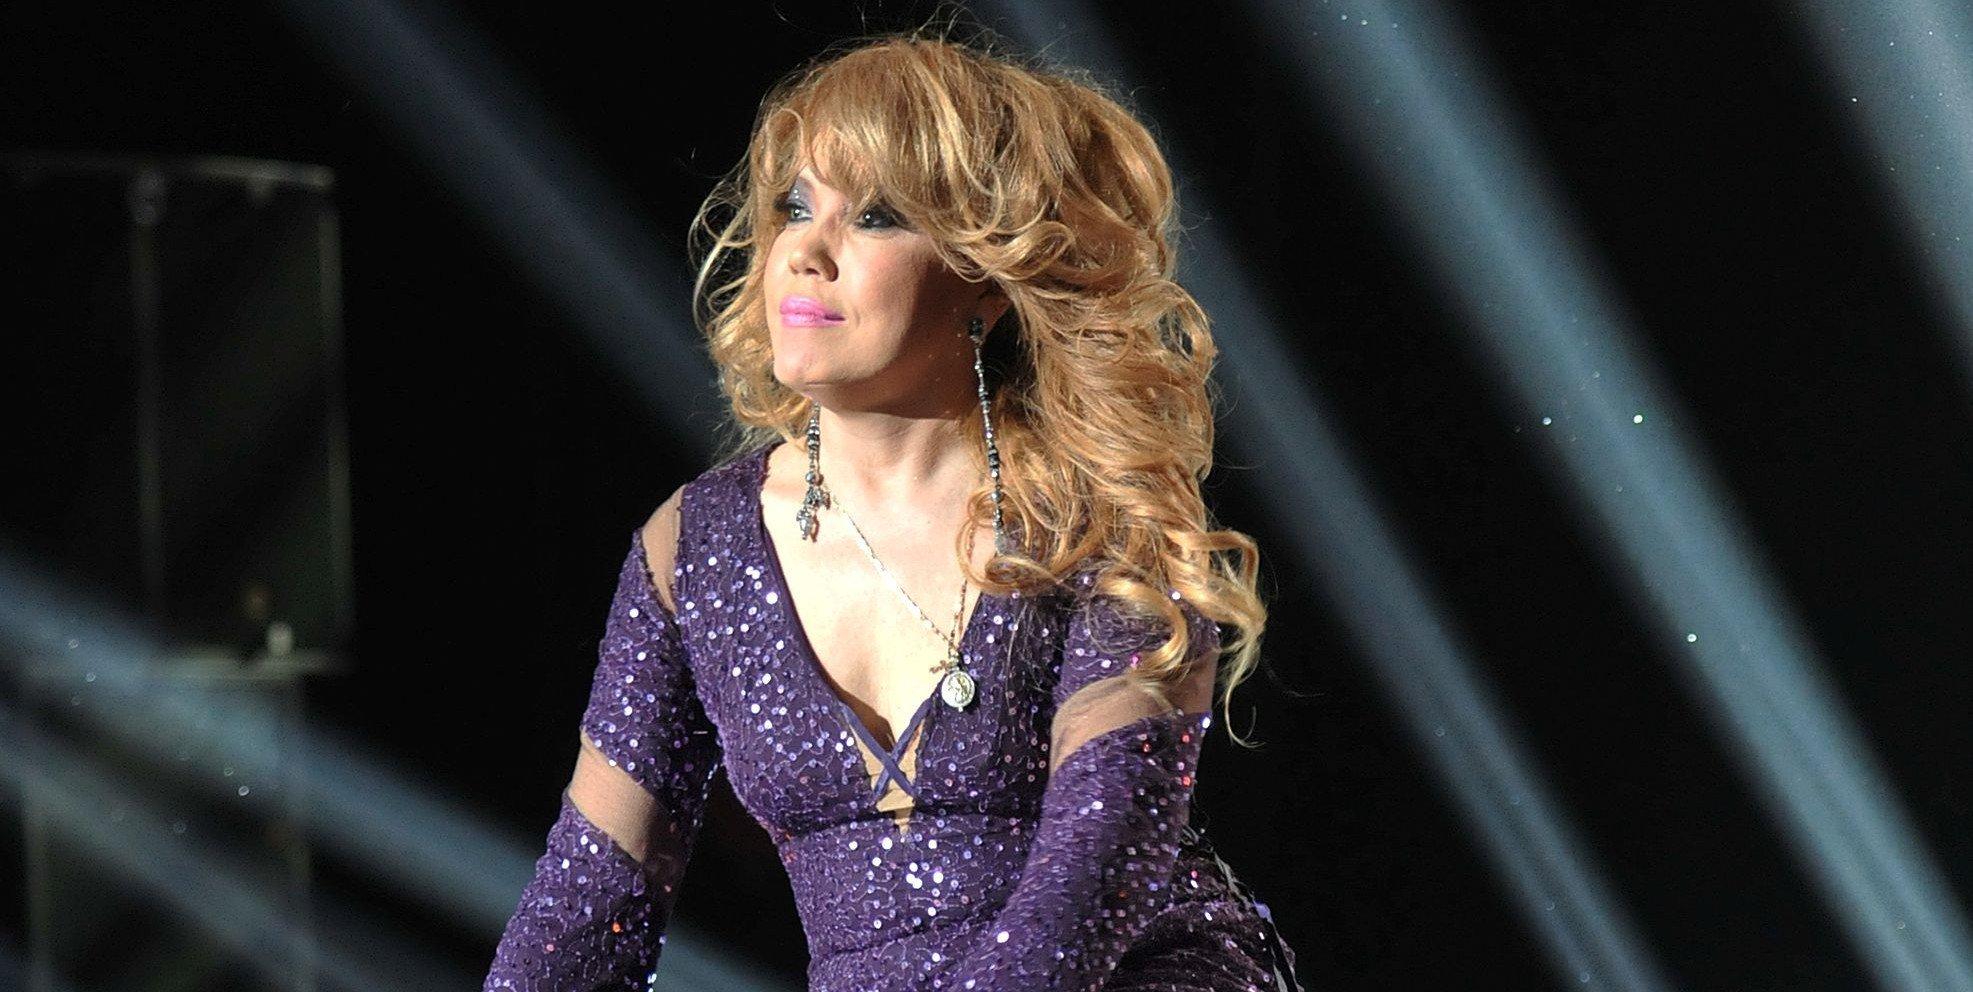 ВВитебске эстрадная певица Азиза стала жертвой нападения возбужденного поклонника